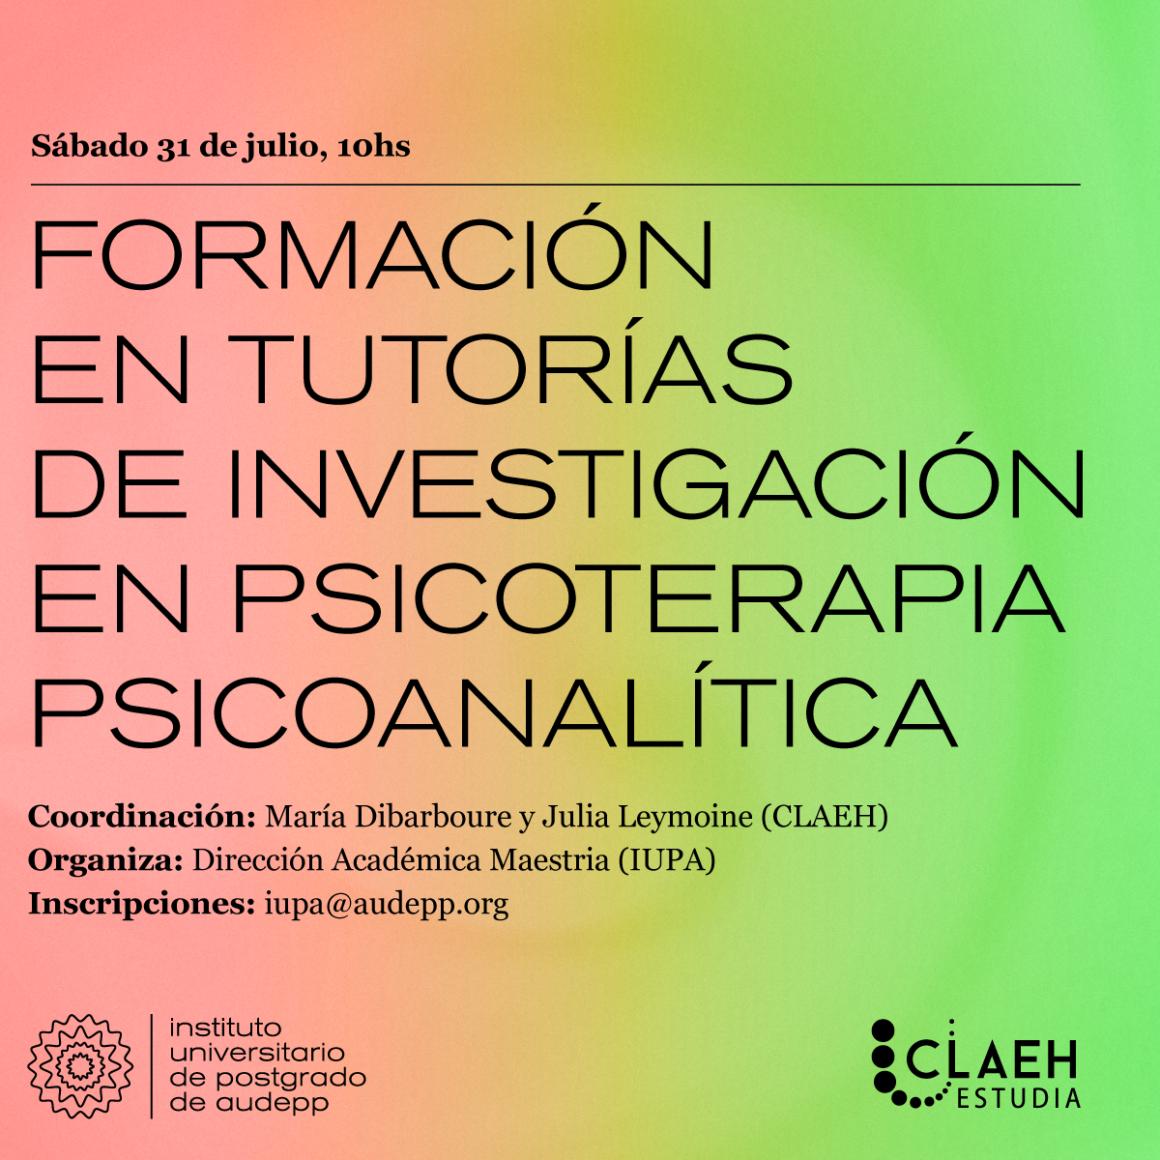 Formación de tutores en el IUPA: «TUTORÍA DE INVESTIGACIÓN EN PSICOTERAPIA PSICOANALÍTICA». 31 de julio a las 10.00 Inscripciones abiertas